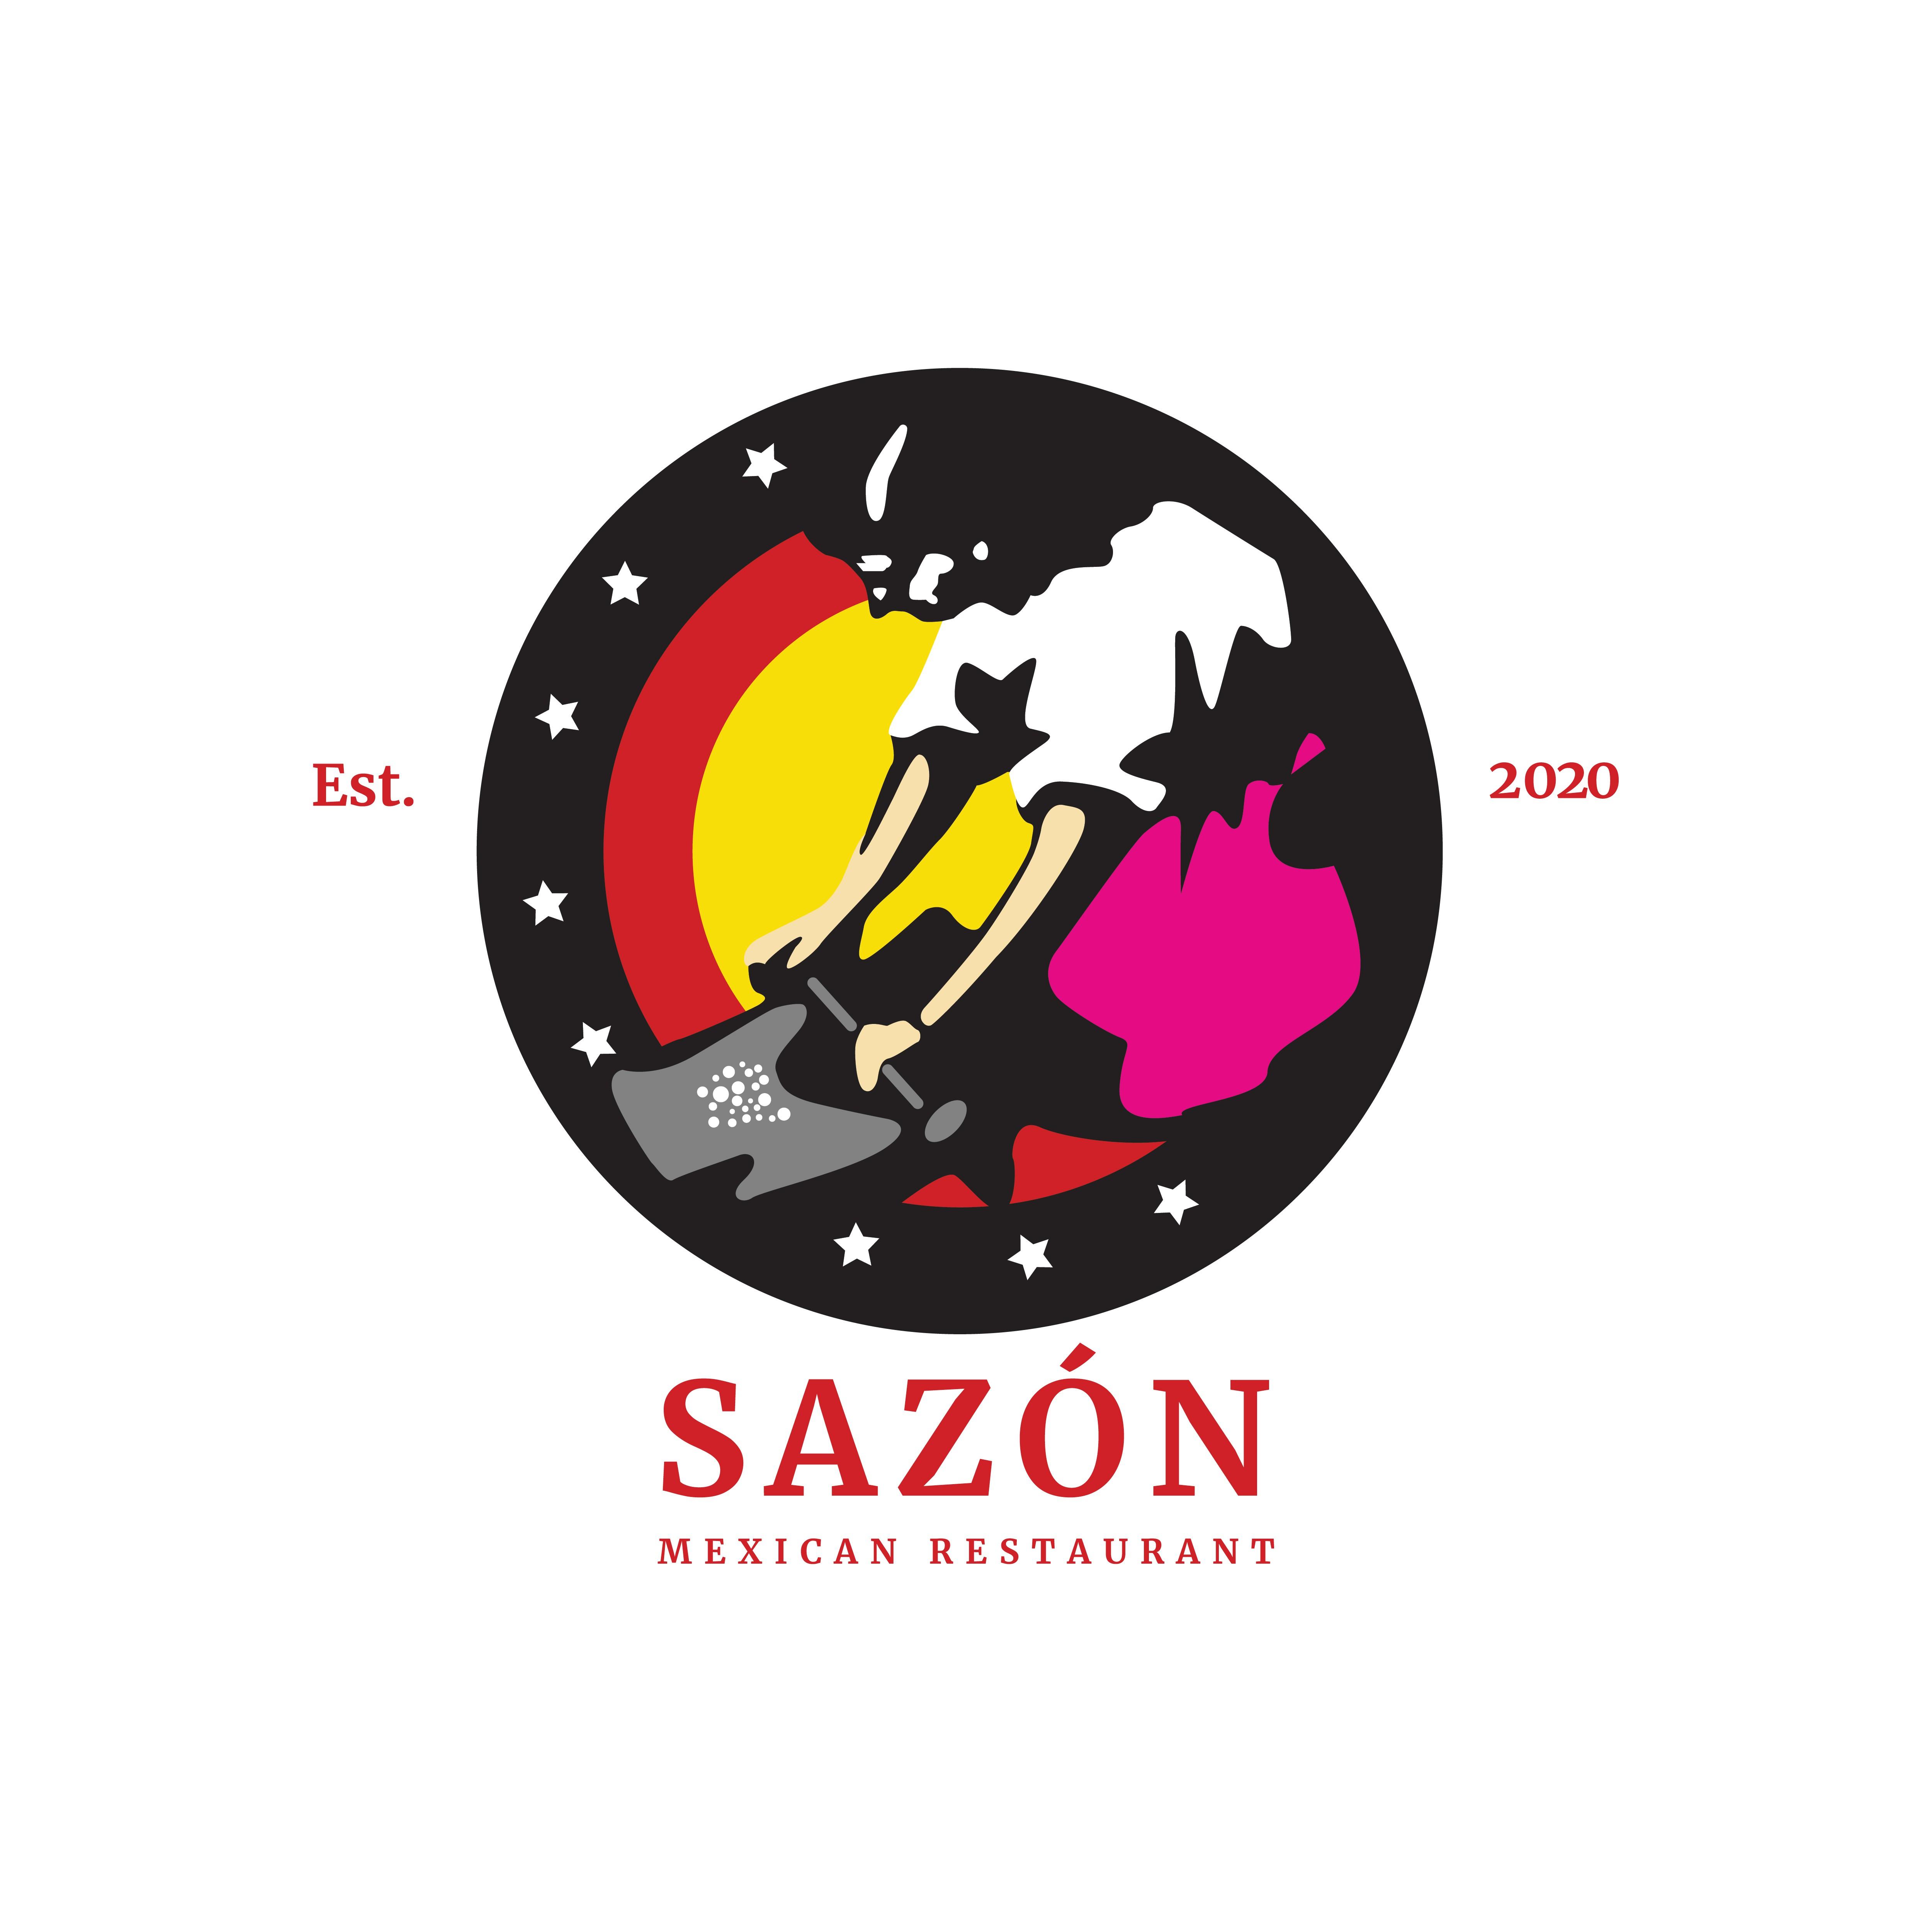 Sazón Express - Logo Edits - 2